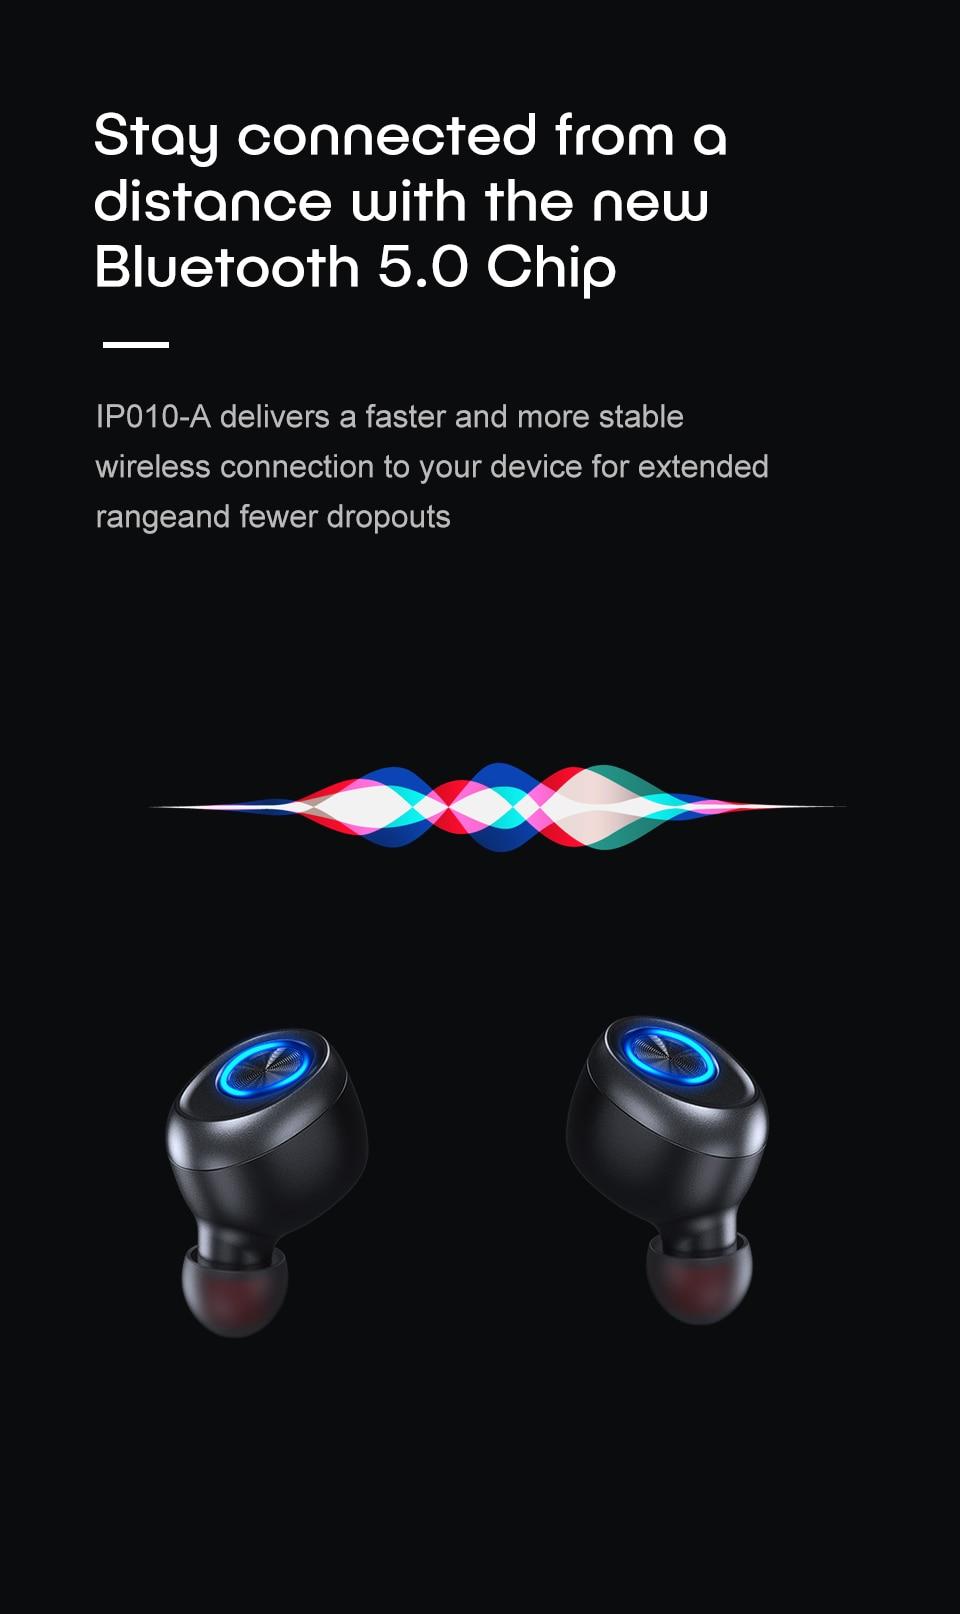 Anomoibuds капсулы TWS беспроводные наушники V5.0 Bluetooth наушники бас стерео звук спортивные наушники для samsung Xiaomi Iphone